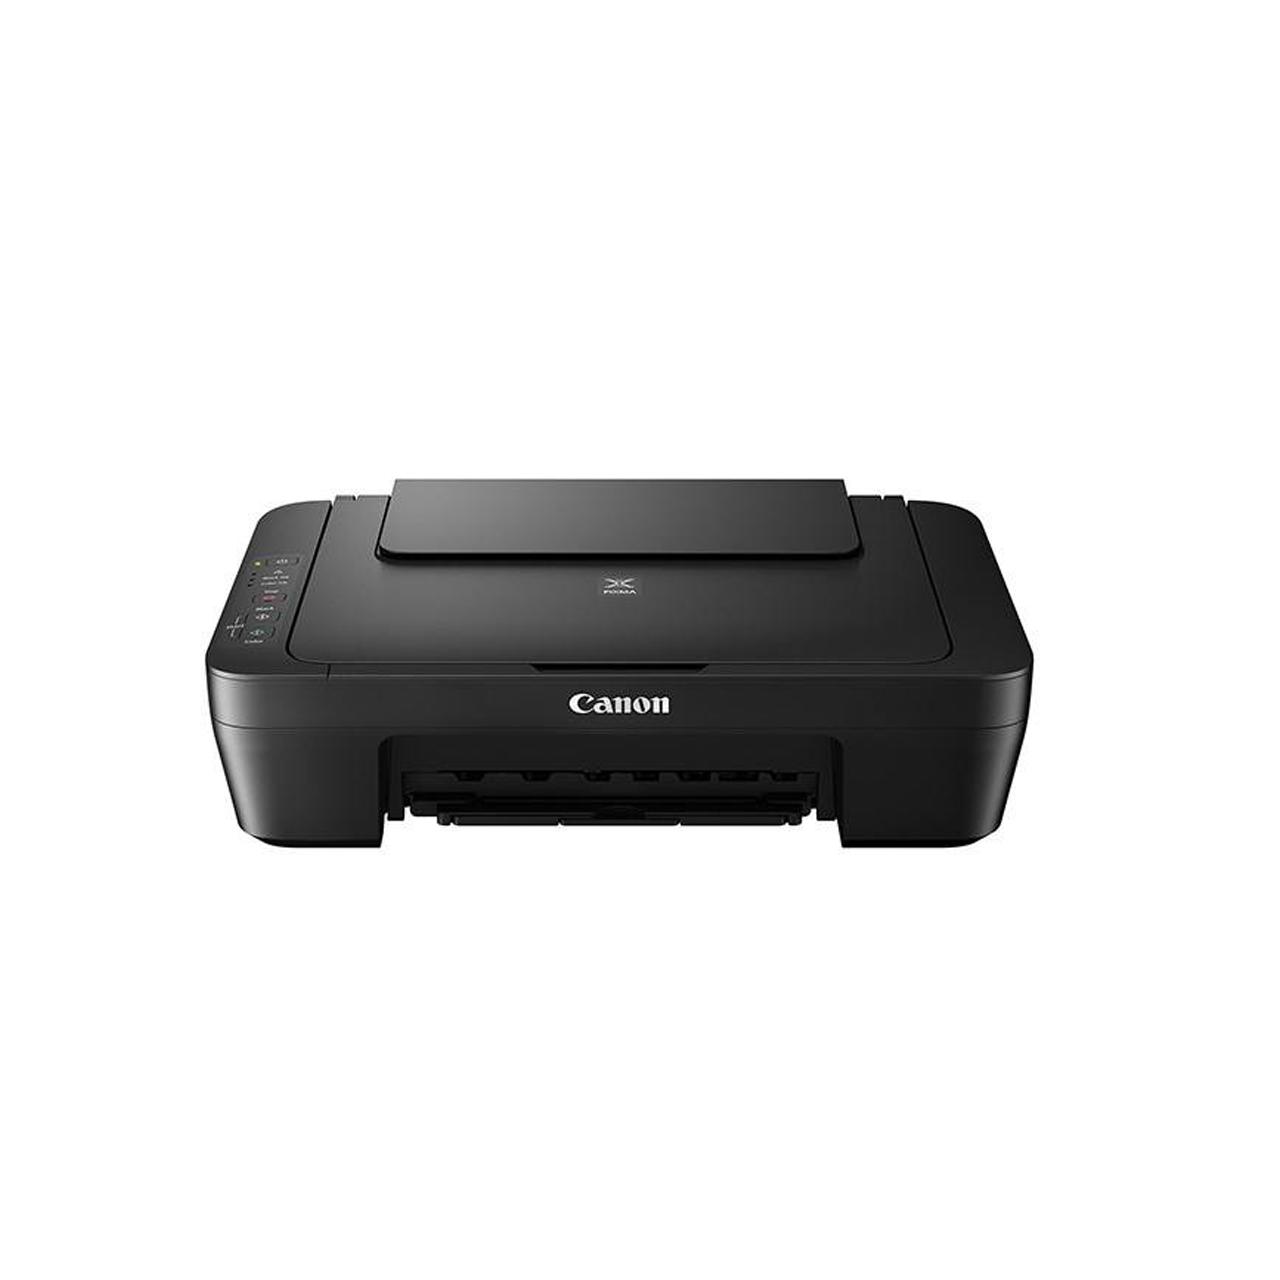 پرینتر جوهر افشان سه کاره کانن مدل PIXMA MG۲۵۴۰ | Canon PIXMA MG2540 Multifunction Printer